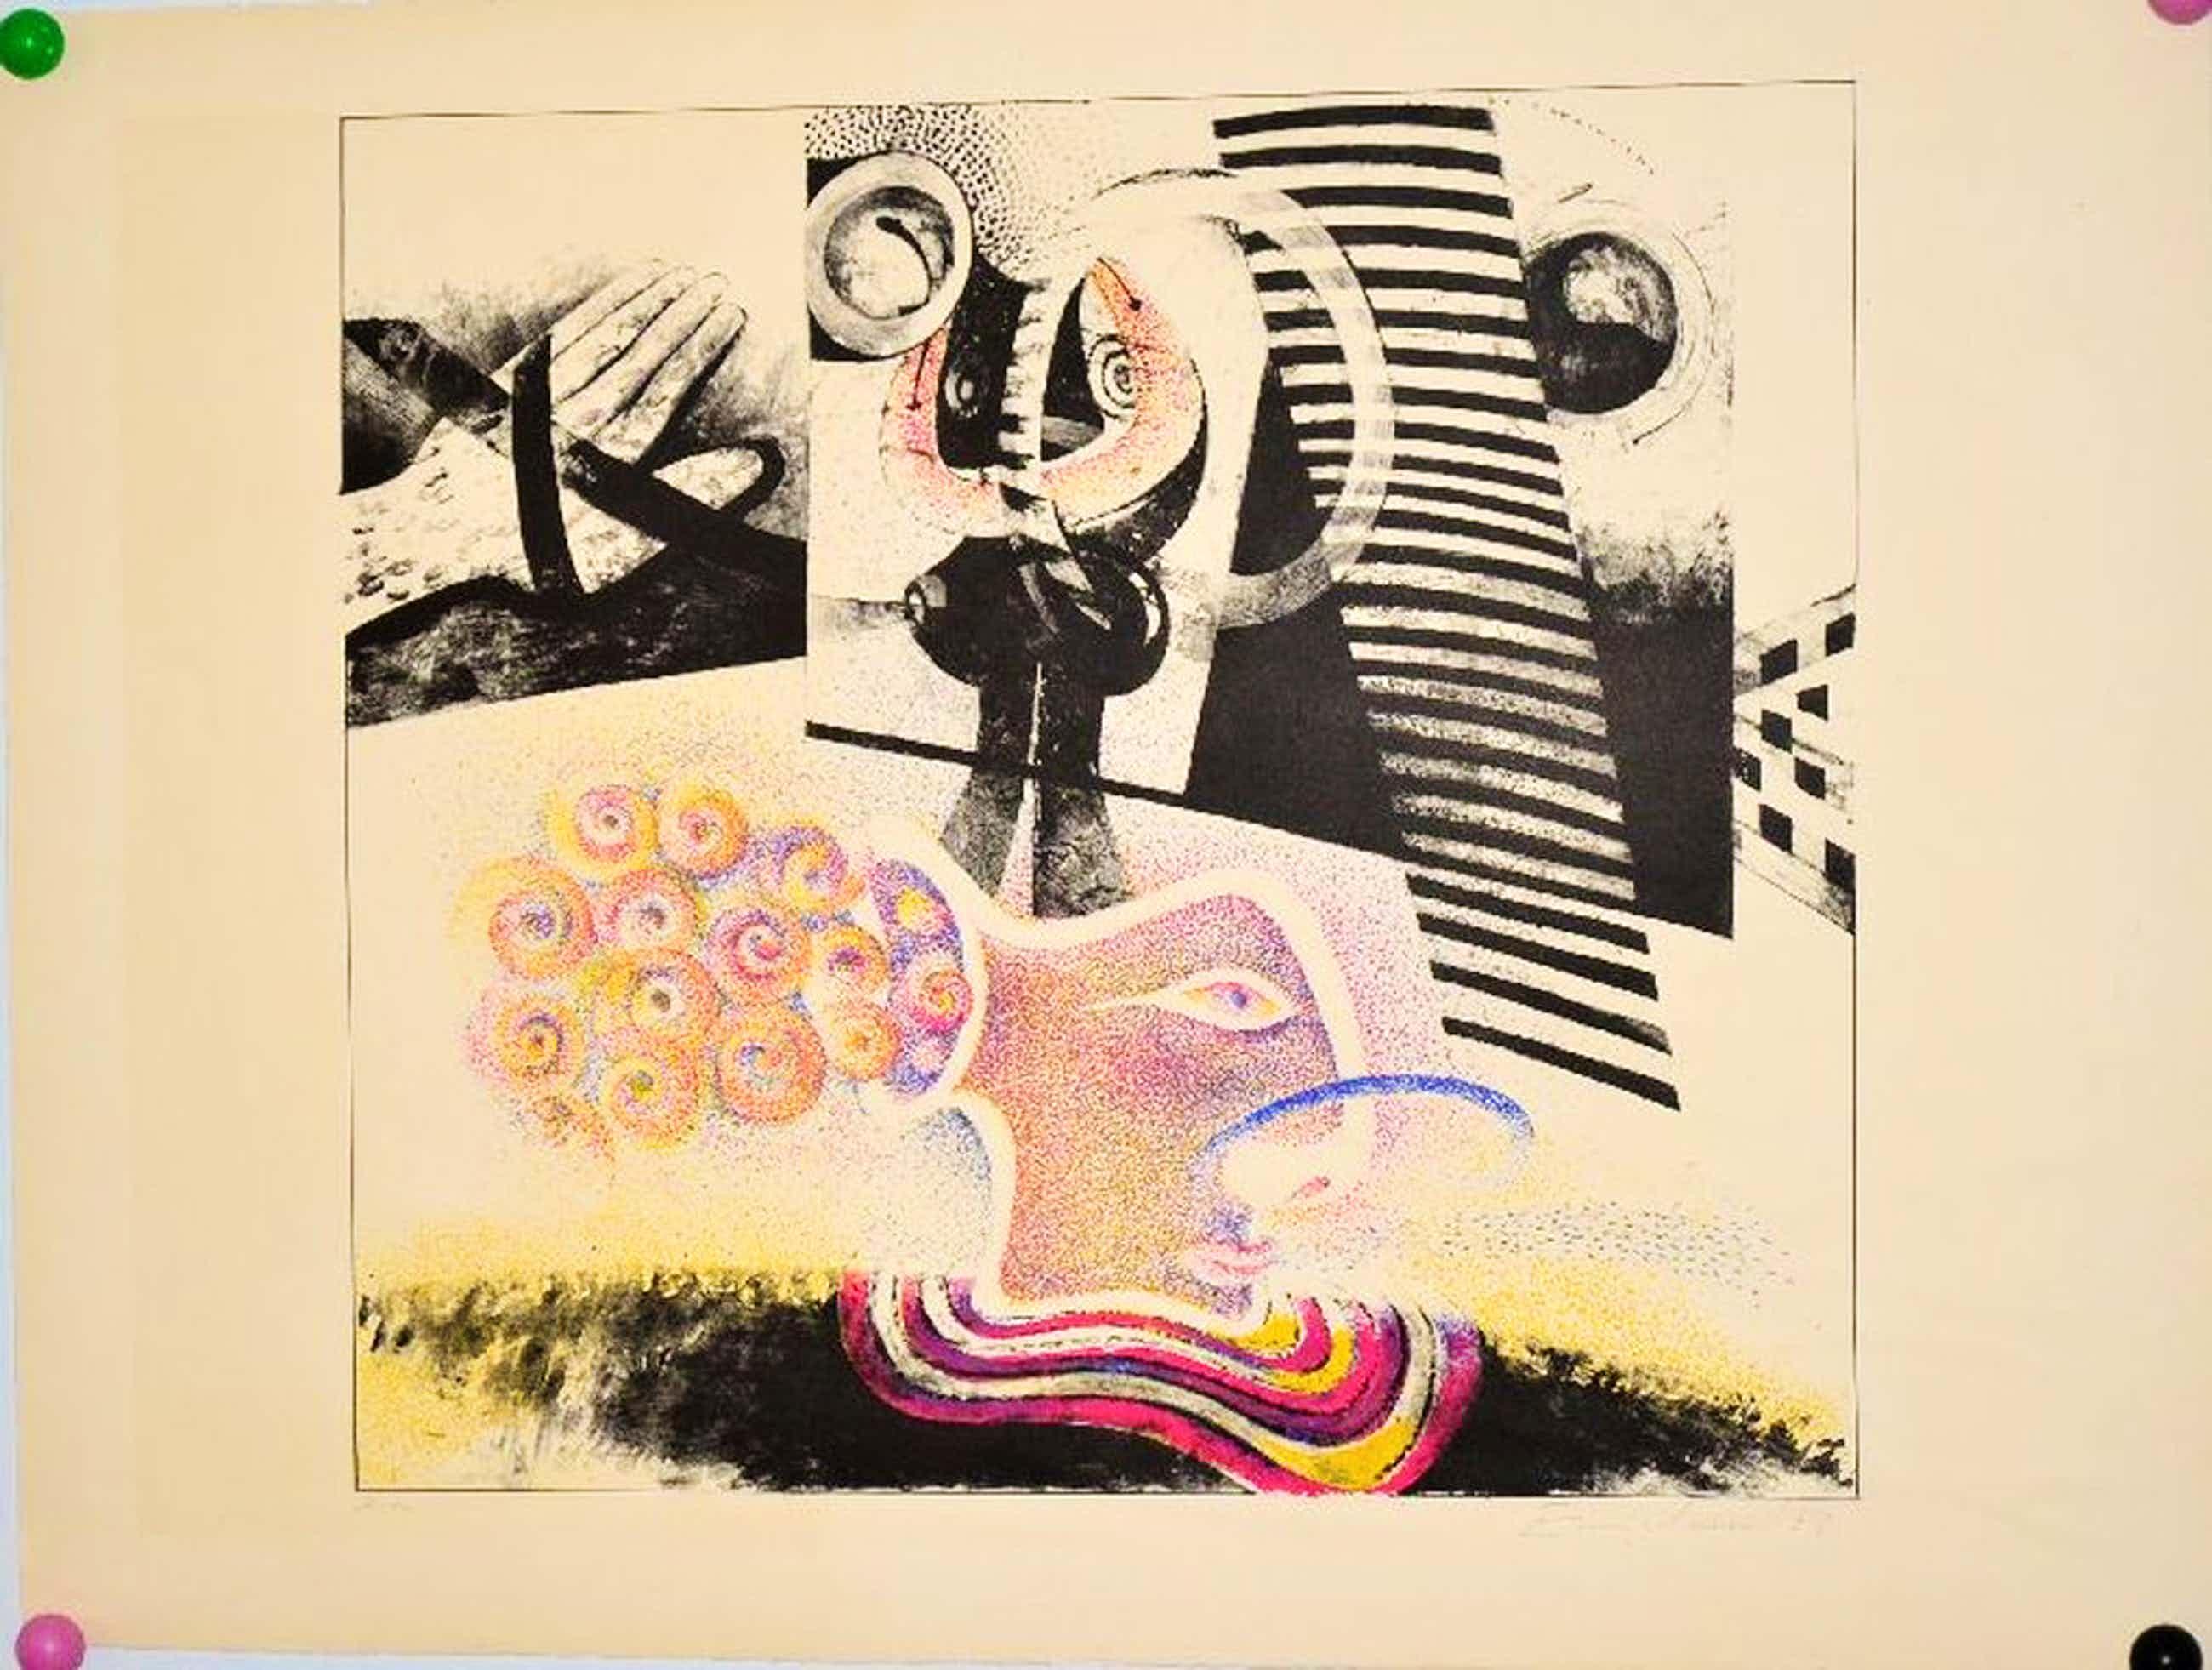 Martin Engelman: Kleurenlitho 1968, Prent 190 kopen? Bied vanaf 36!